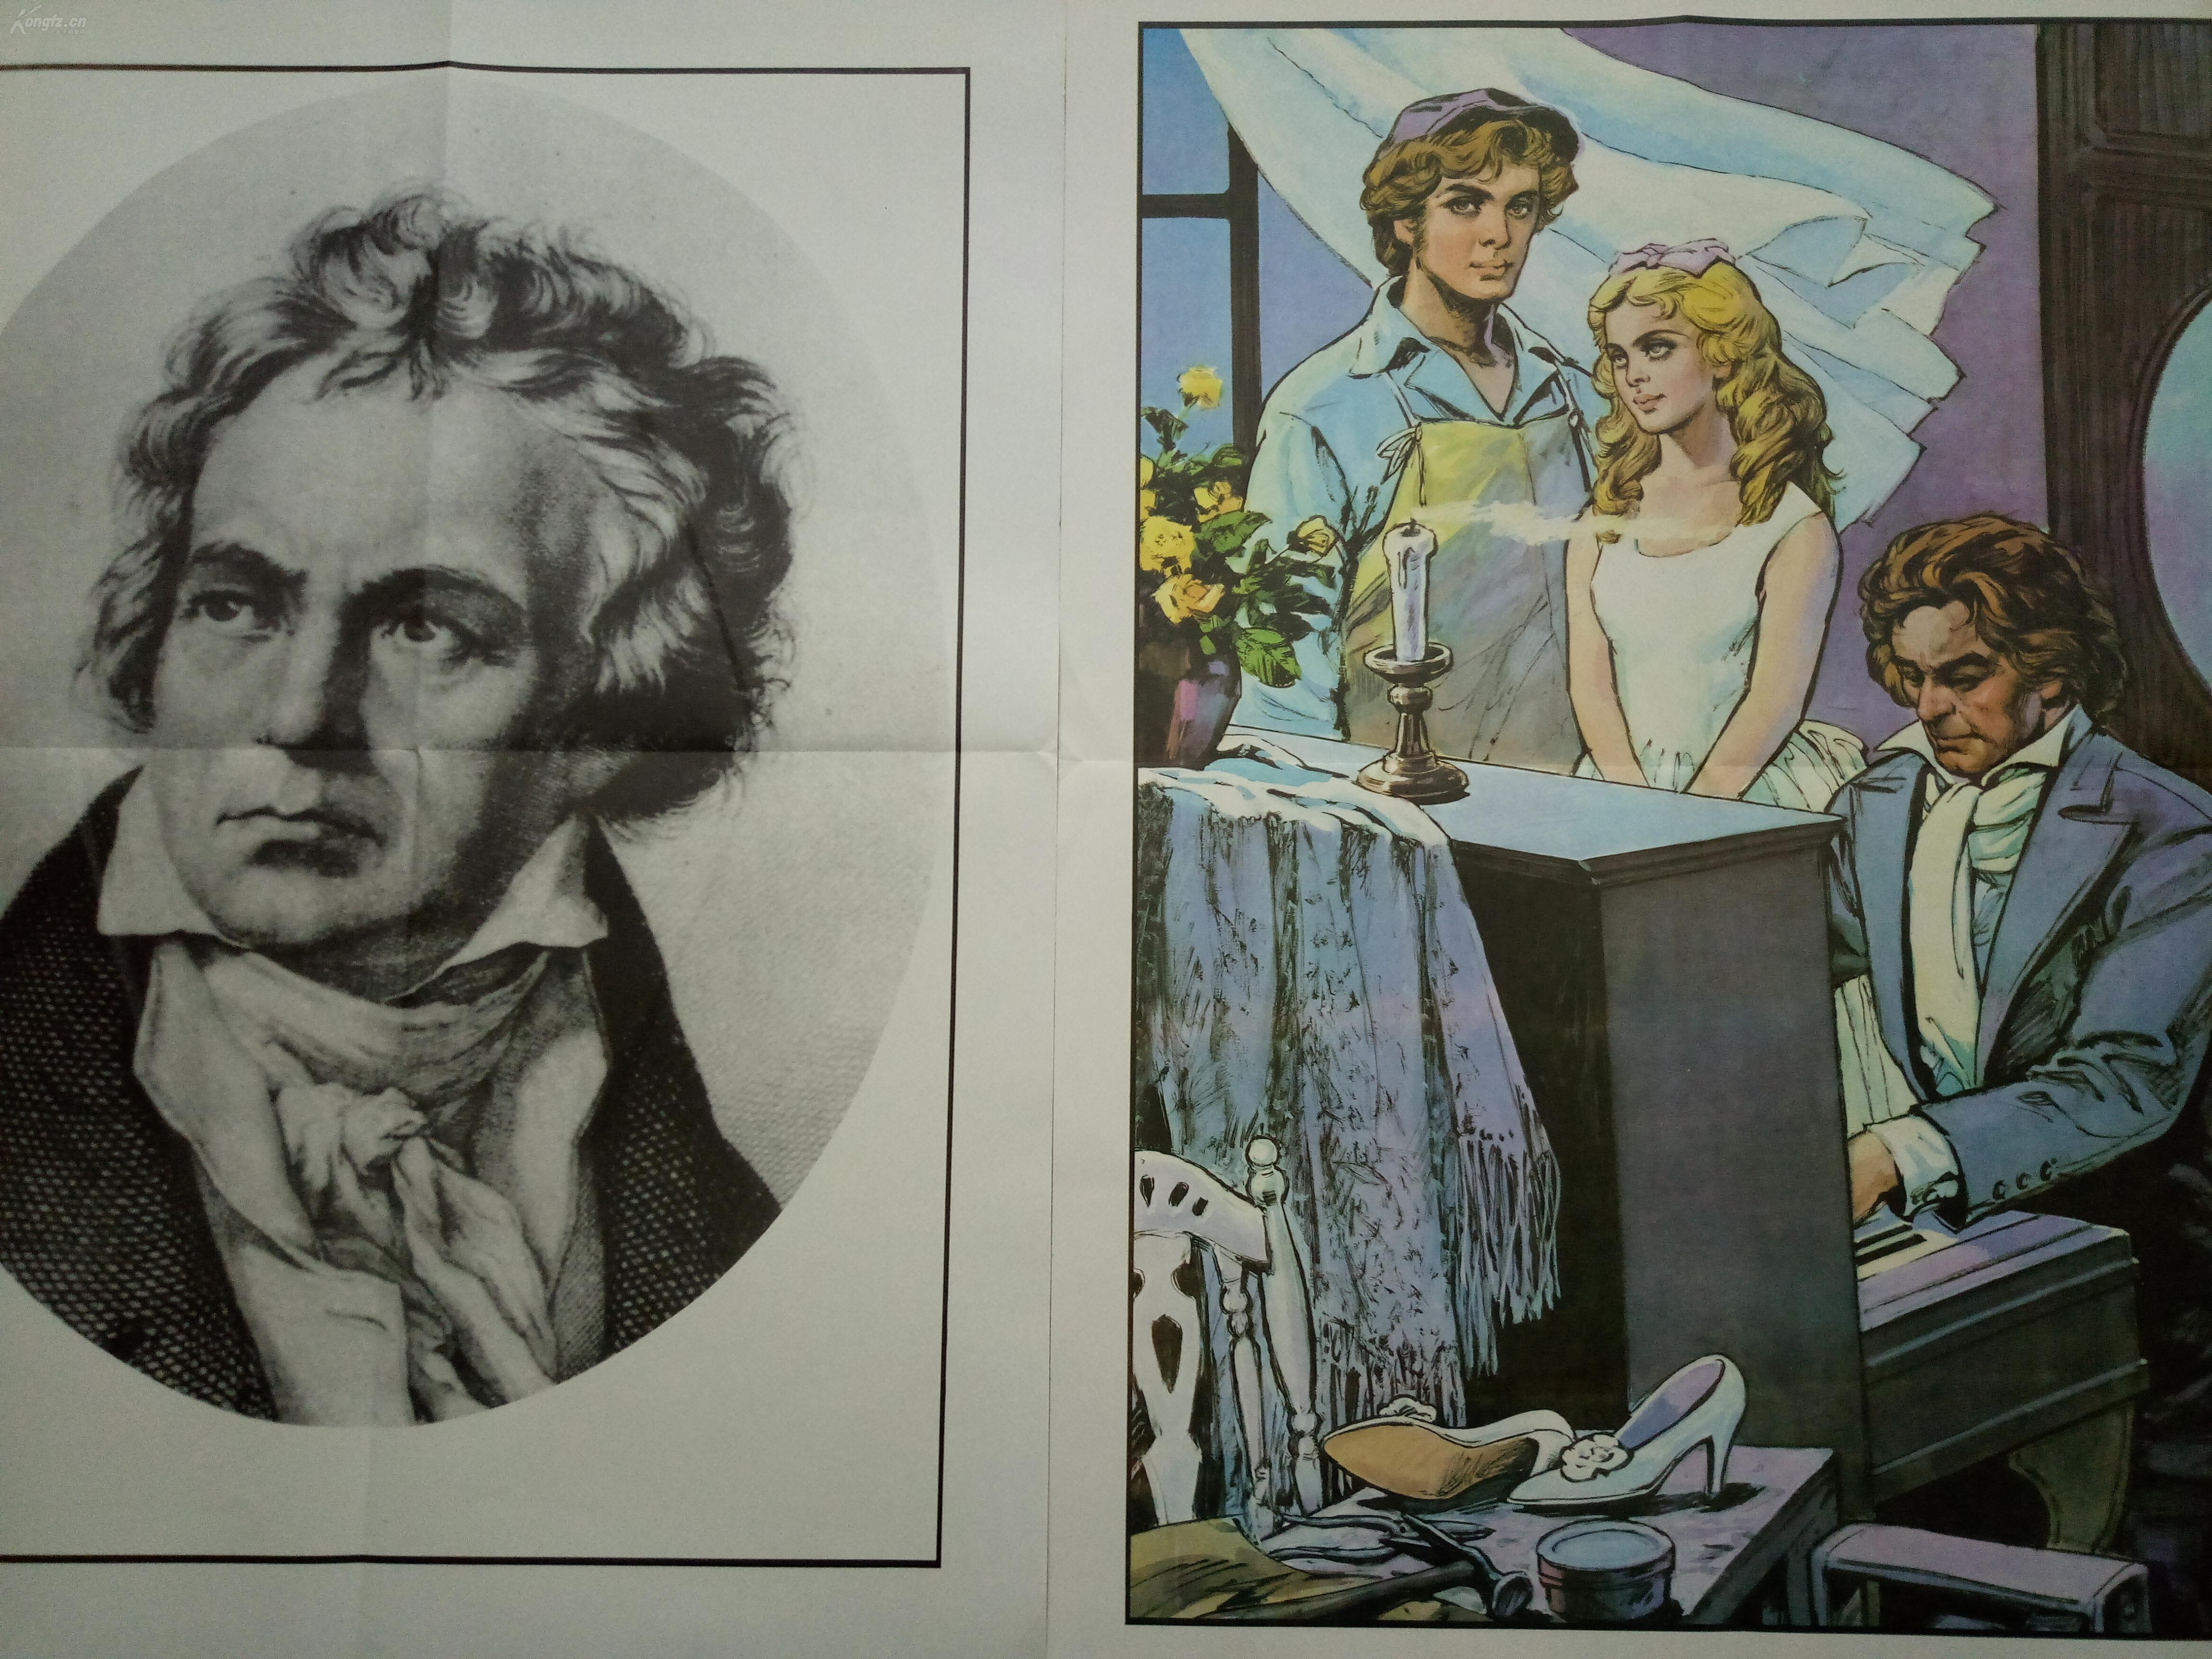 贝多芬艺术歌曲的情感内涵及演唱  以《我爱你》为例   道客巴巴